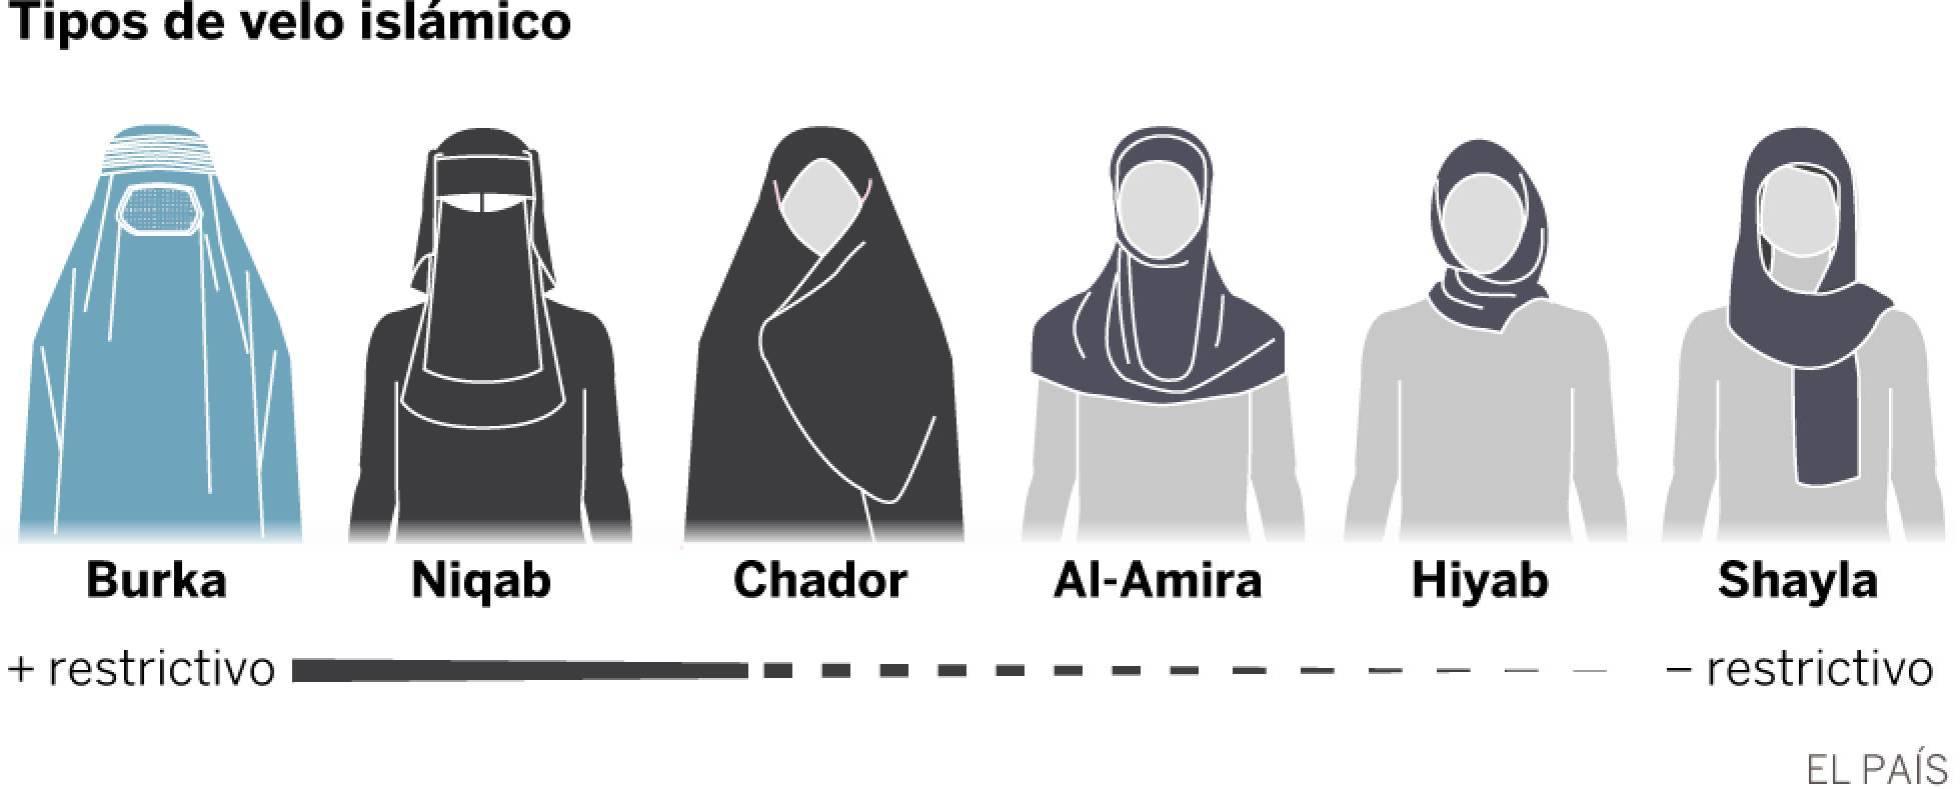 Tipos de velo islámico